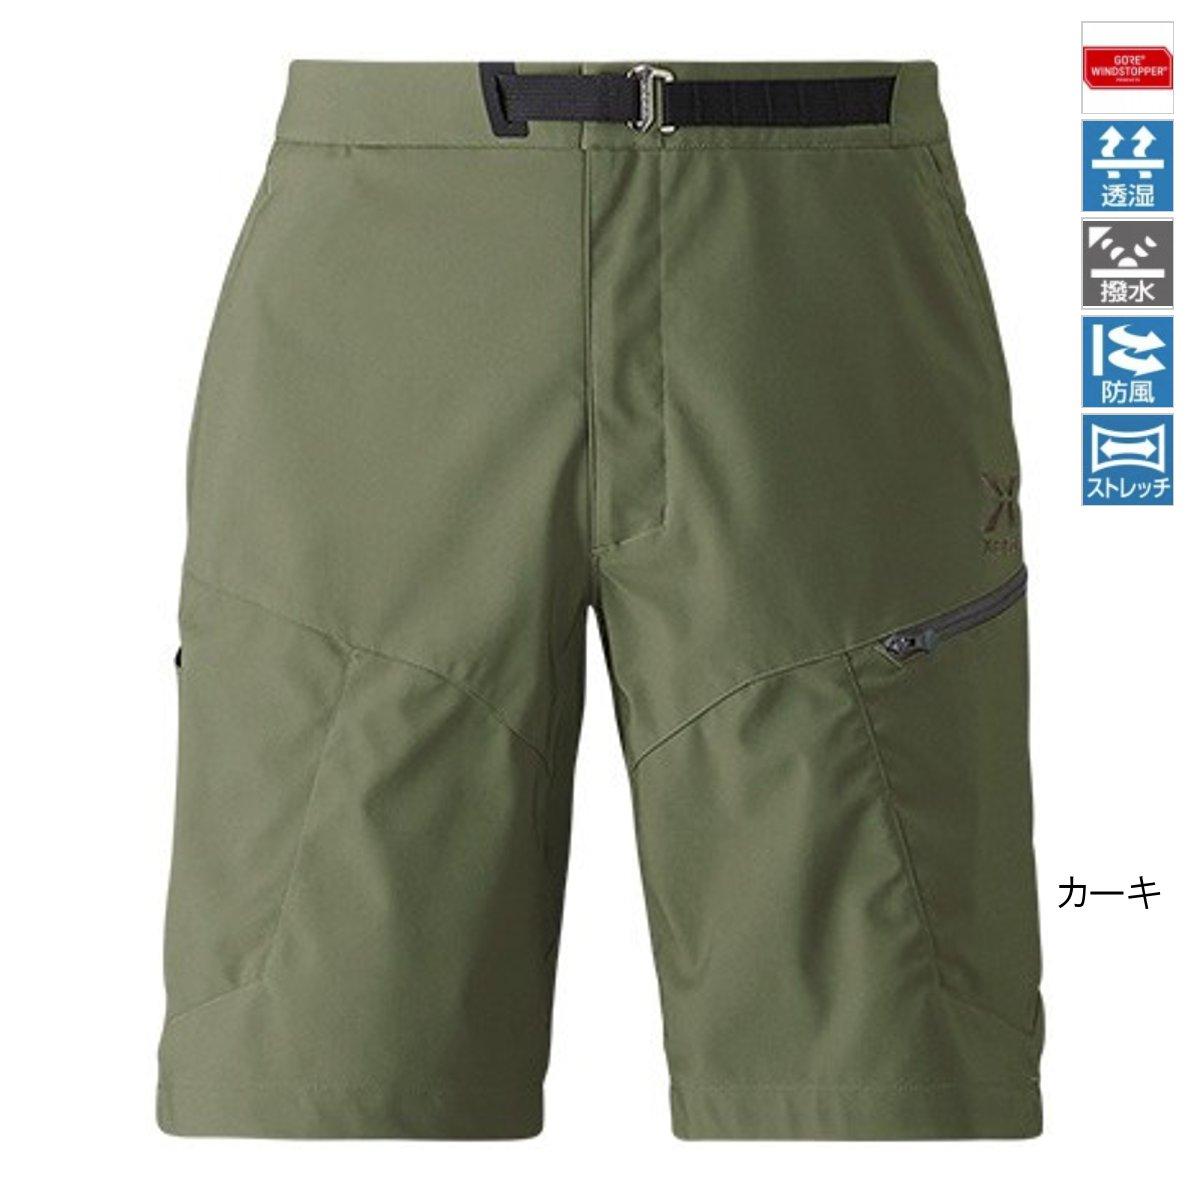 シマノ XEFO GORE WINDSTOPPER ショーツ PA-242R XL カーキ【送料無料】